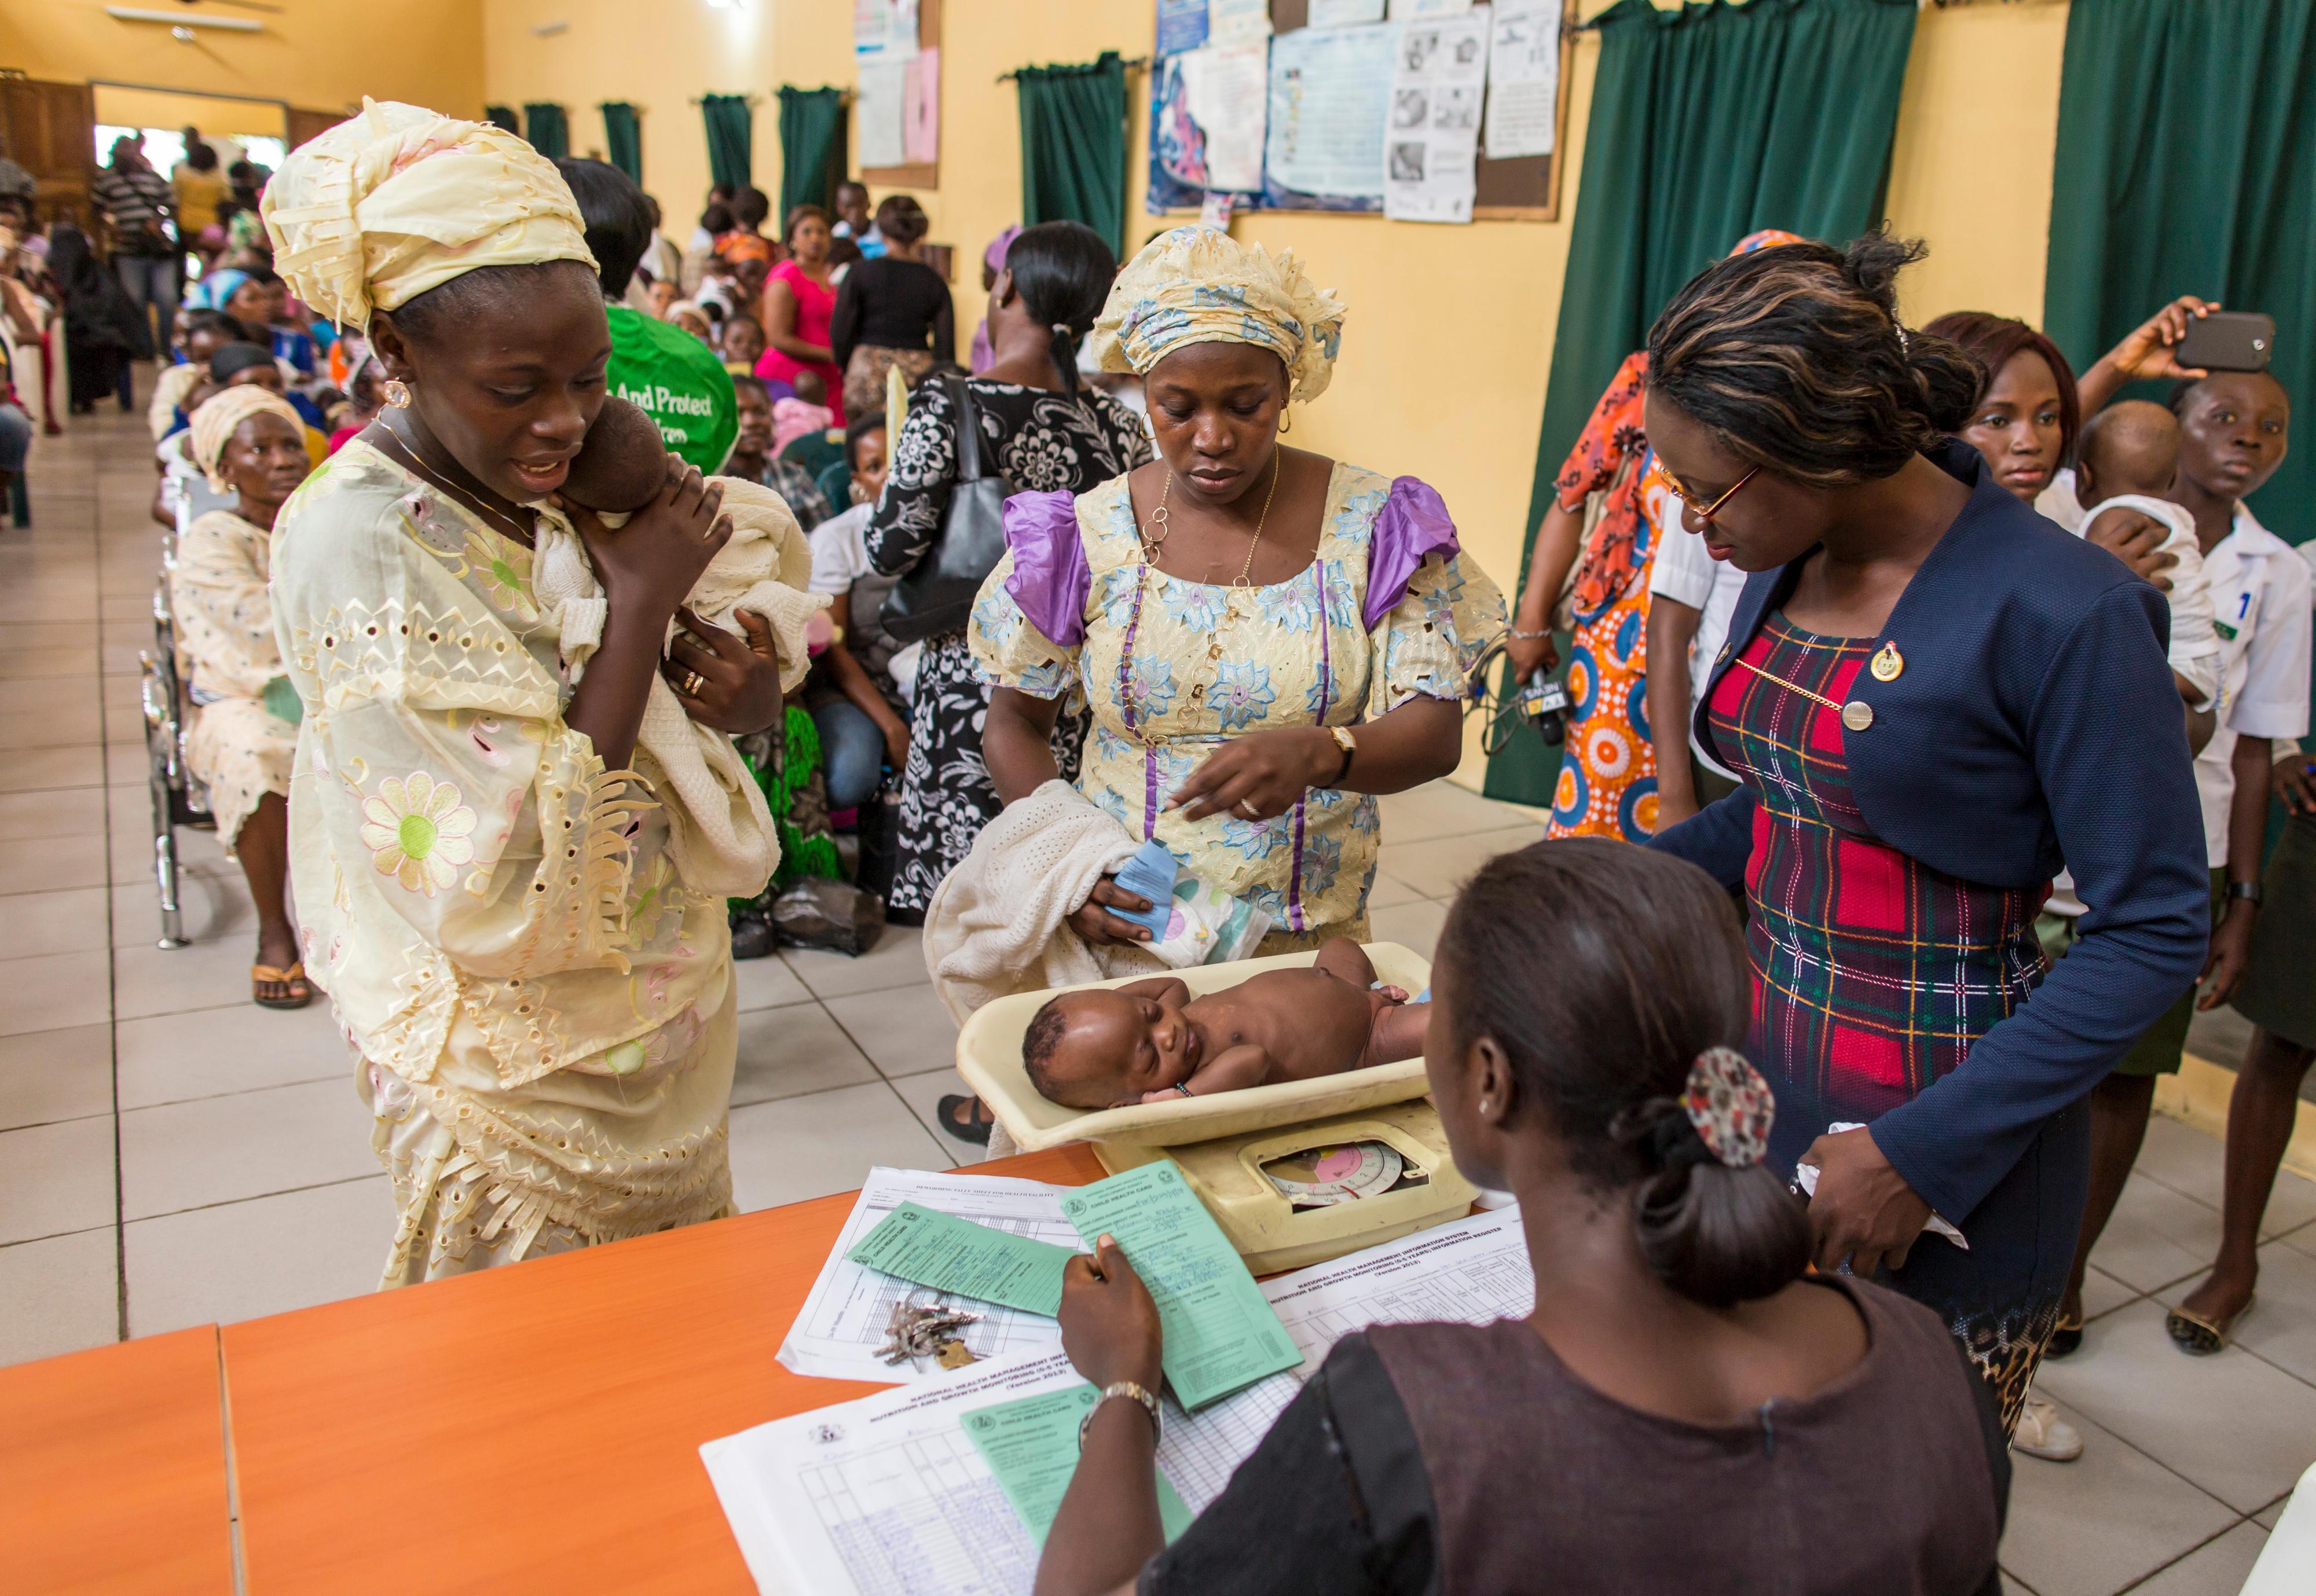 Impfung von Babys gegen Kinderlähmung (Polio) in einer Gesundheitsstation in Abeokuta, Nigeria